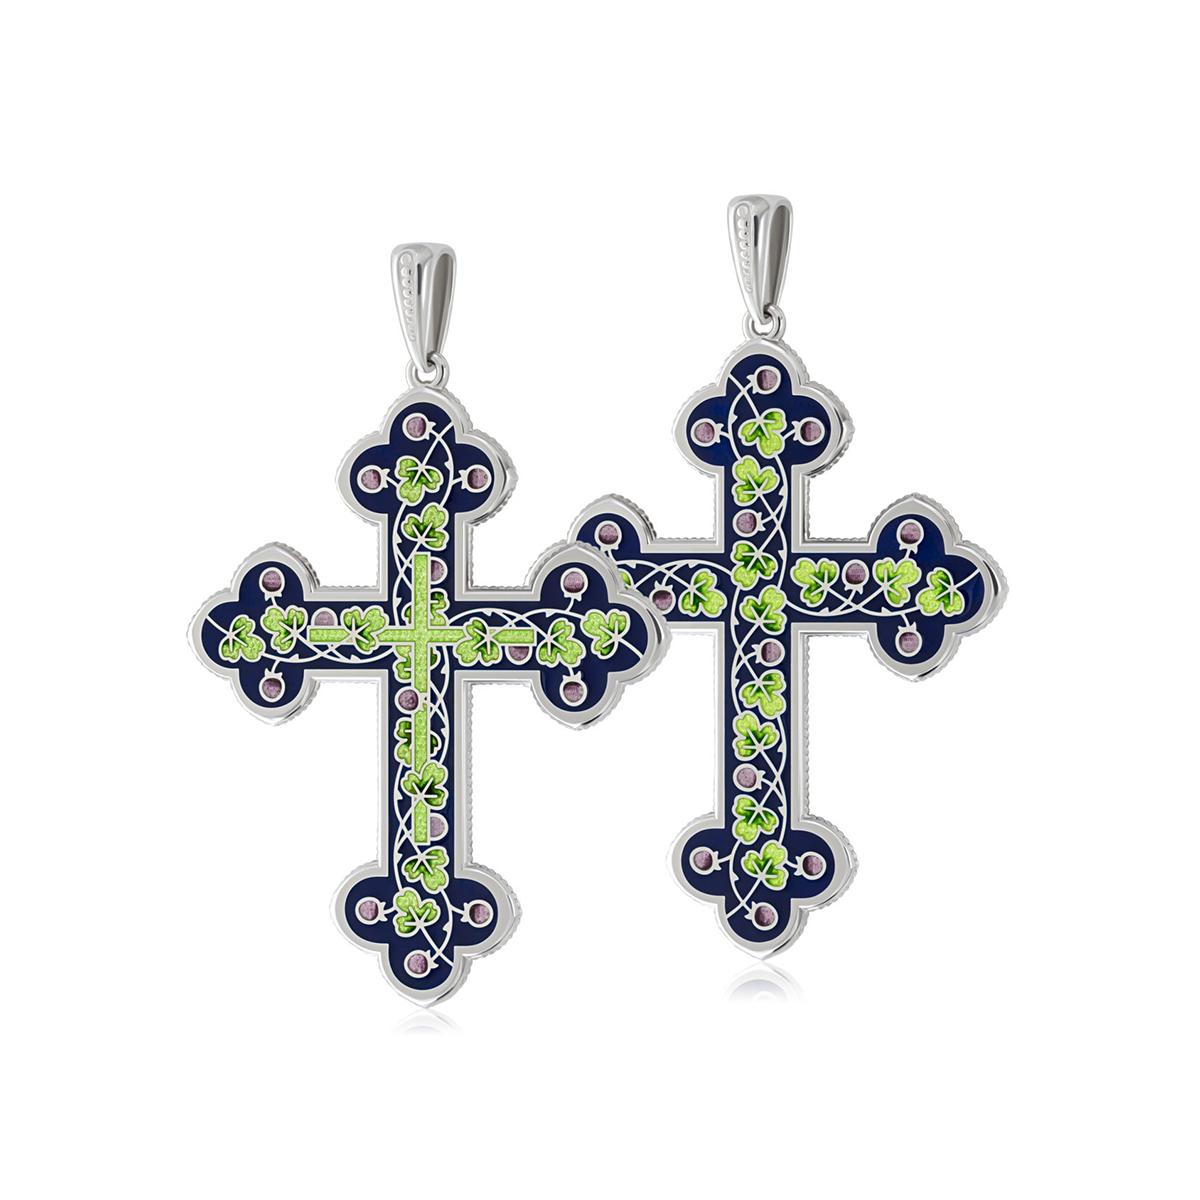 81 123 2s 1200x1200 1 - Нательный крест, зеленый